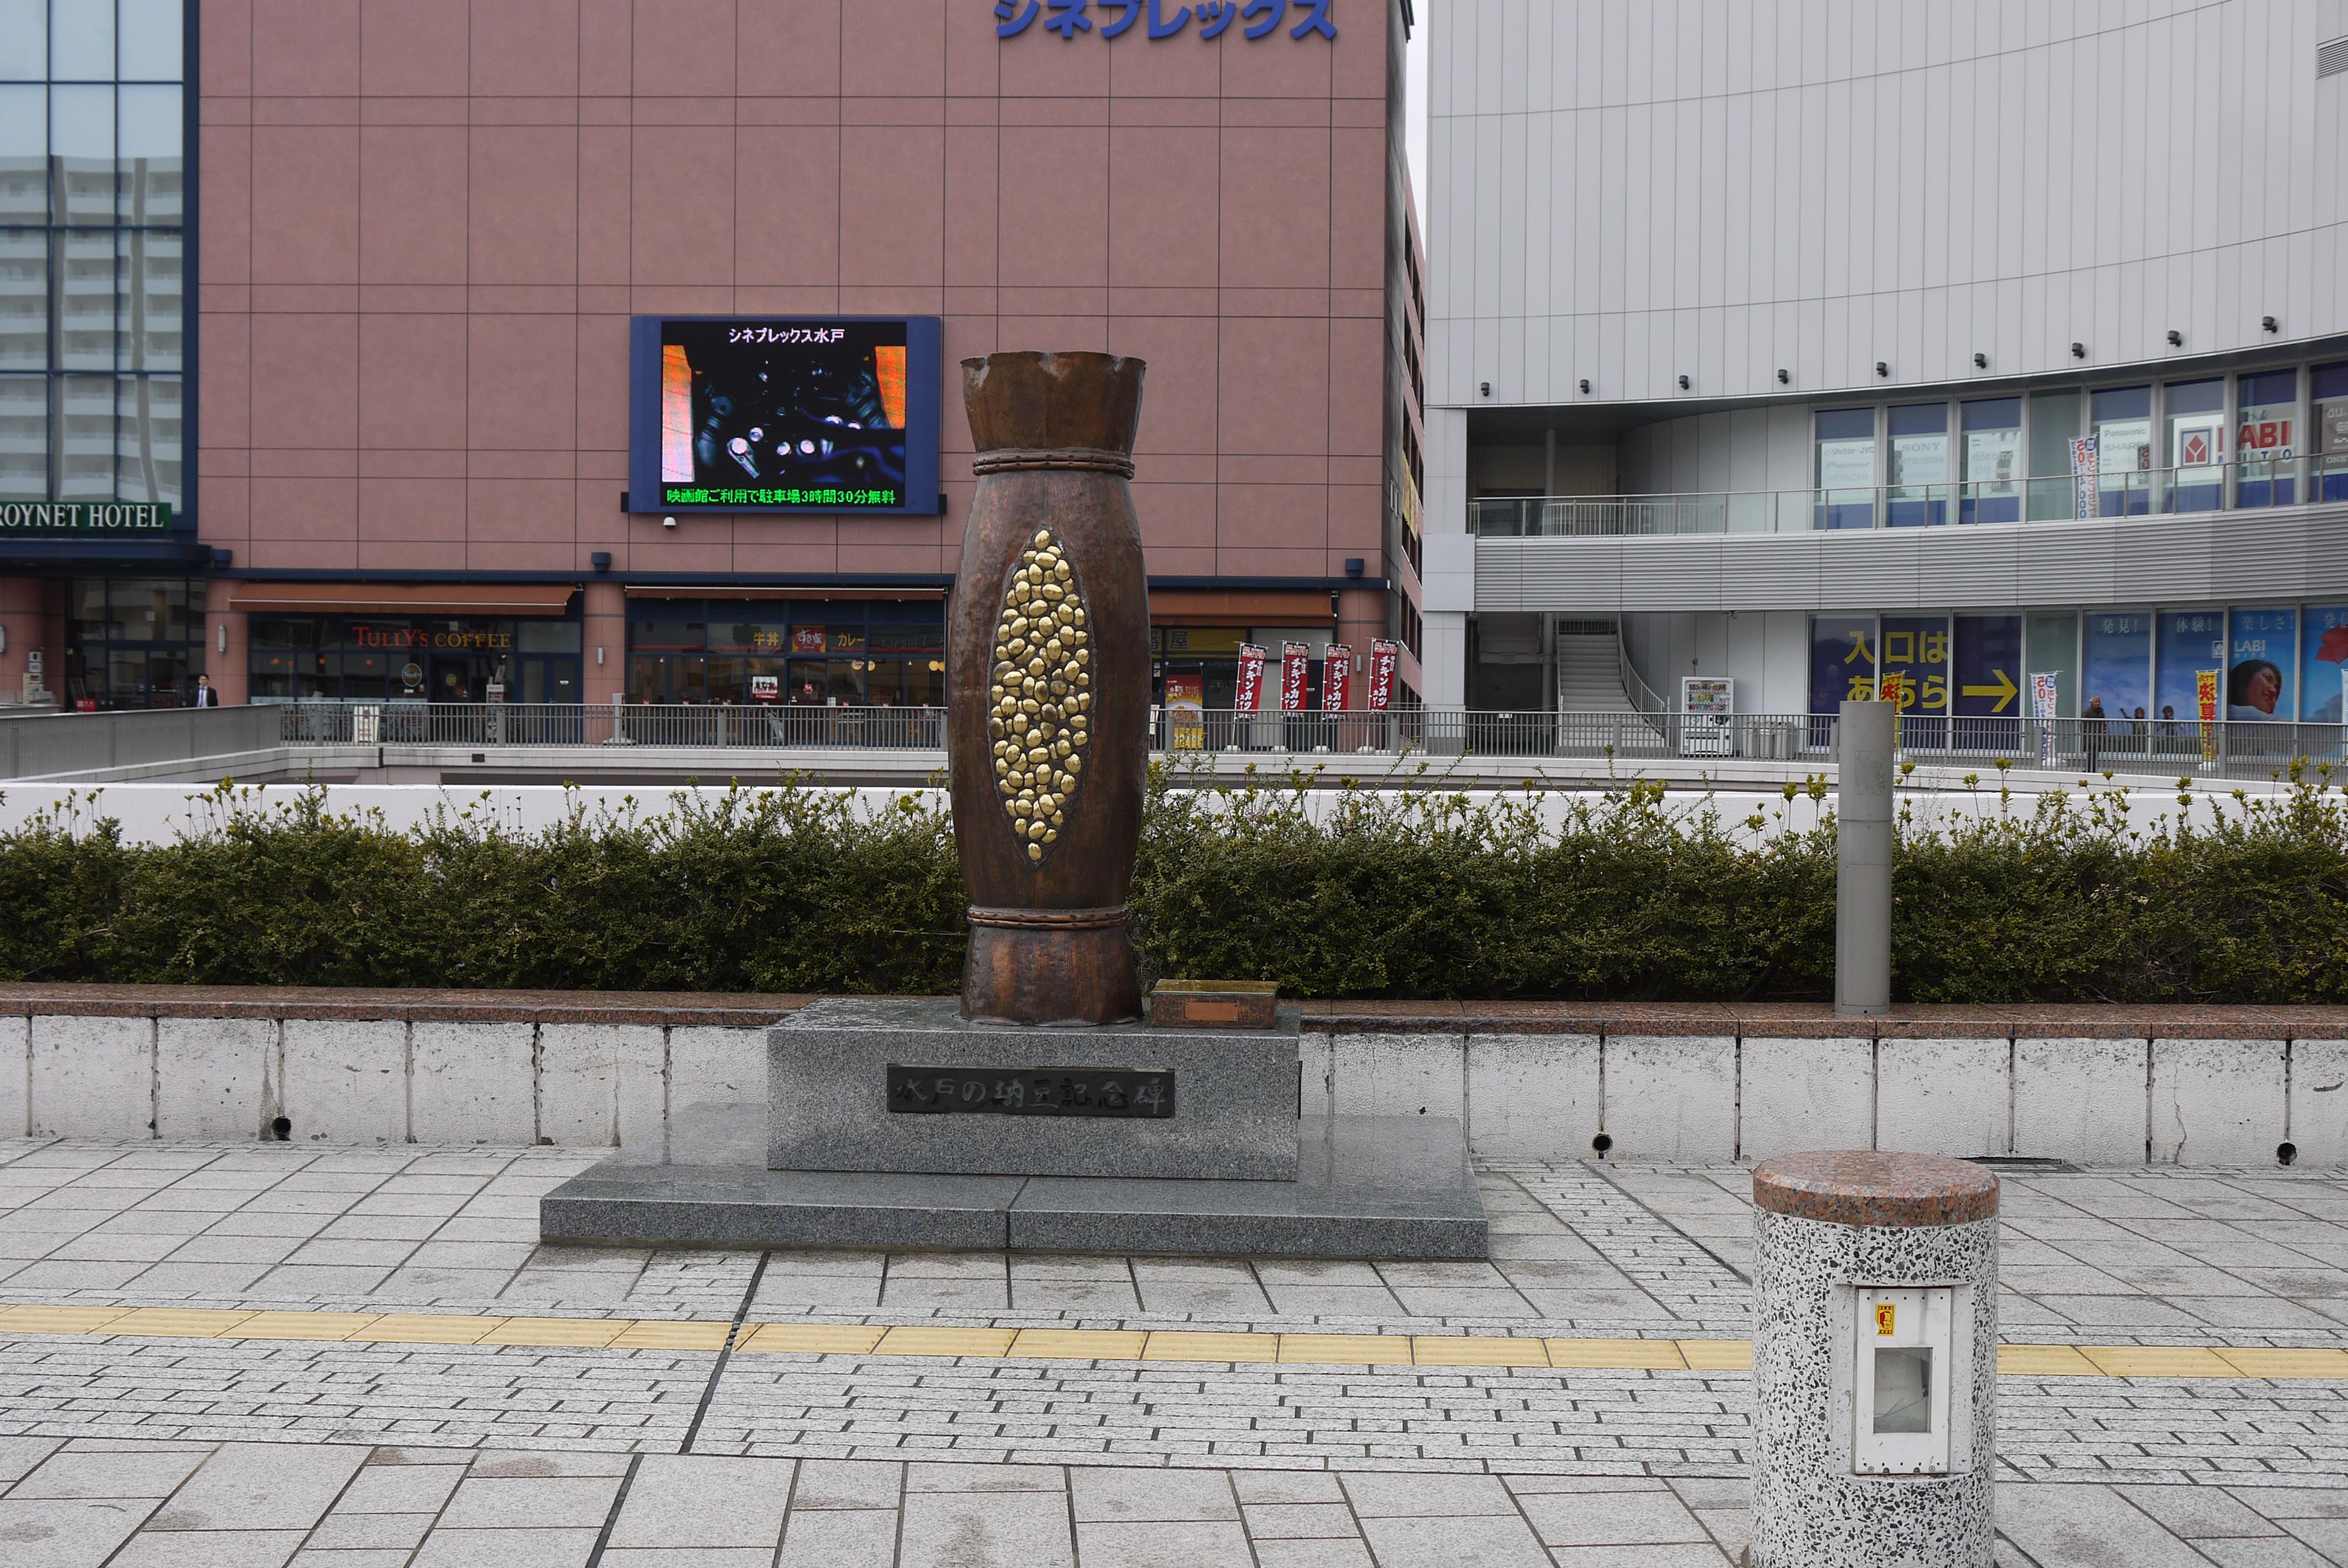 [旅の記憶]駅弁の旅2011~春の流氷特別編~(1)横浜→水戸